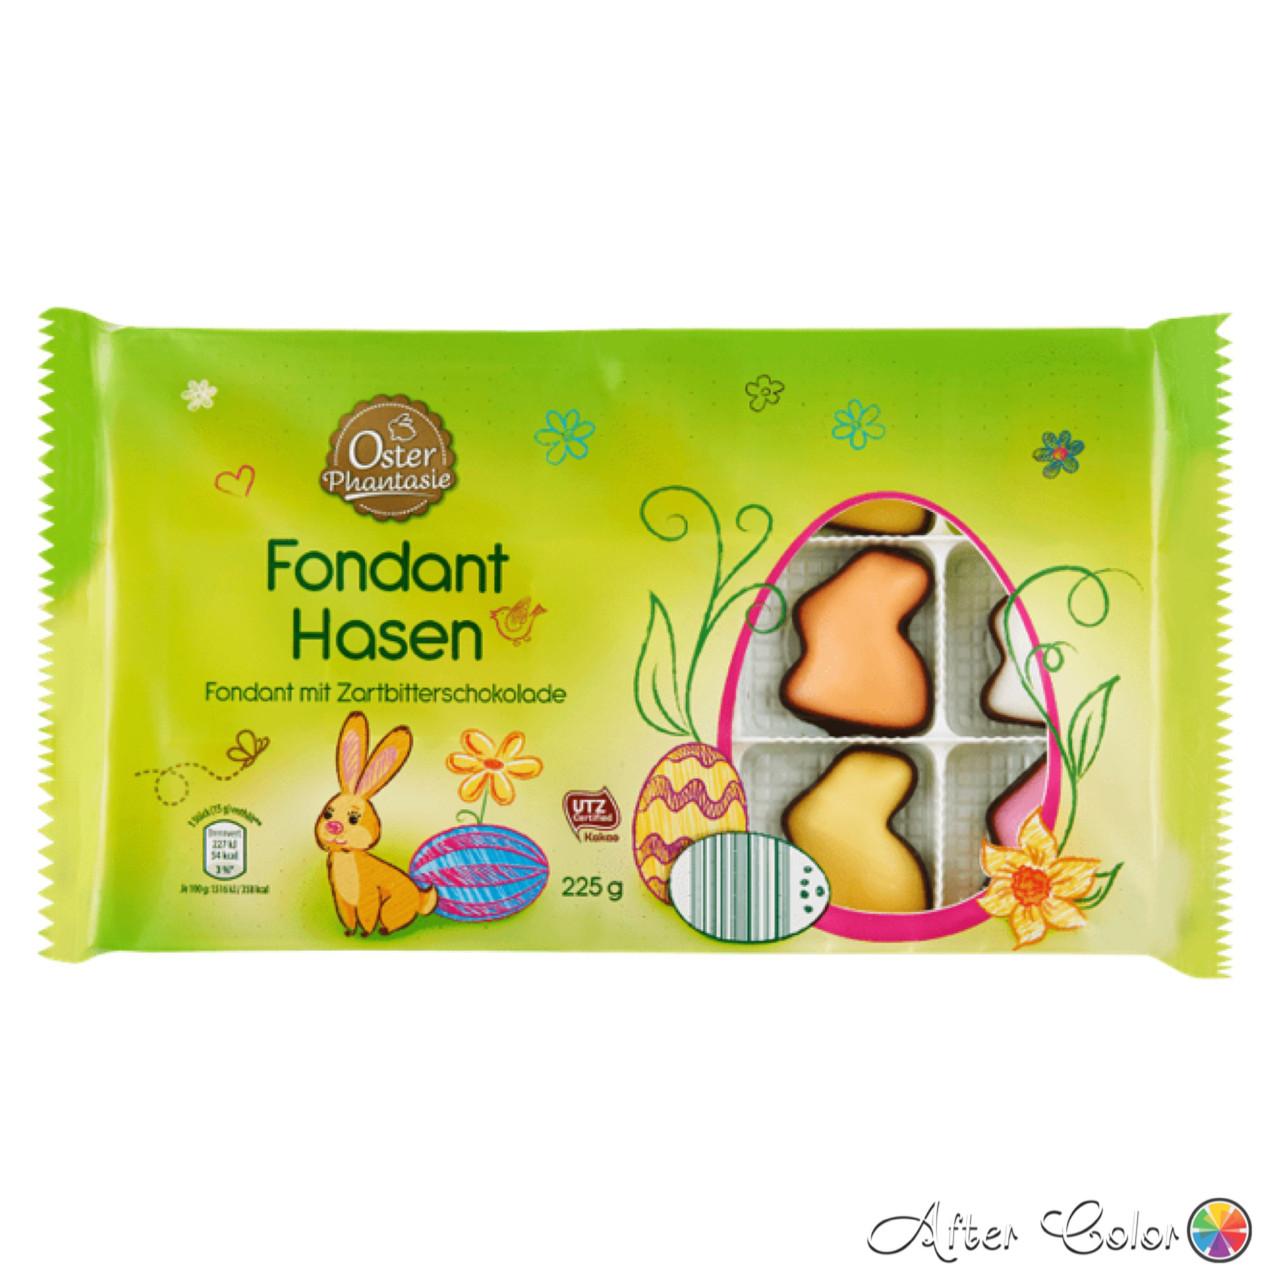 Пасхальные Конфеты в форме зайчиков «Fondant Hasen», 225 g. Германия